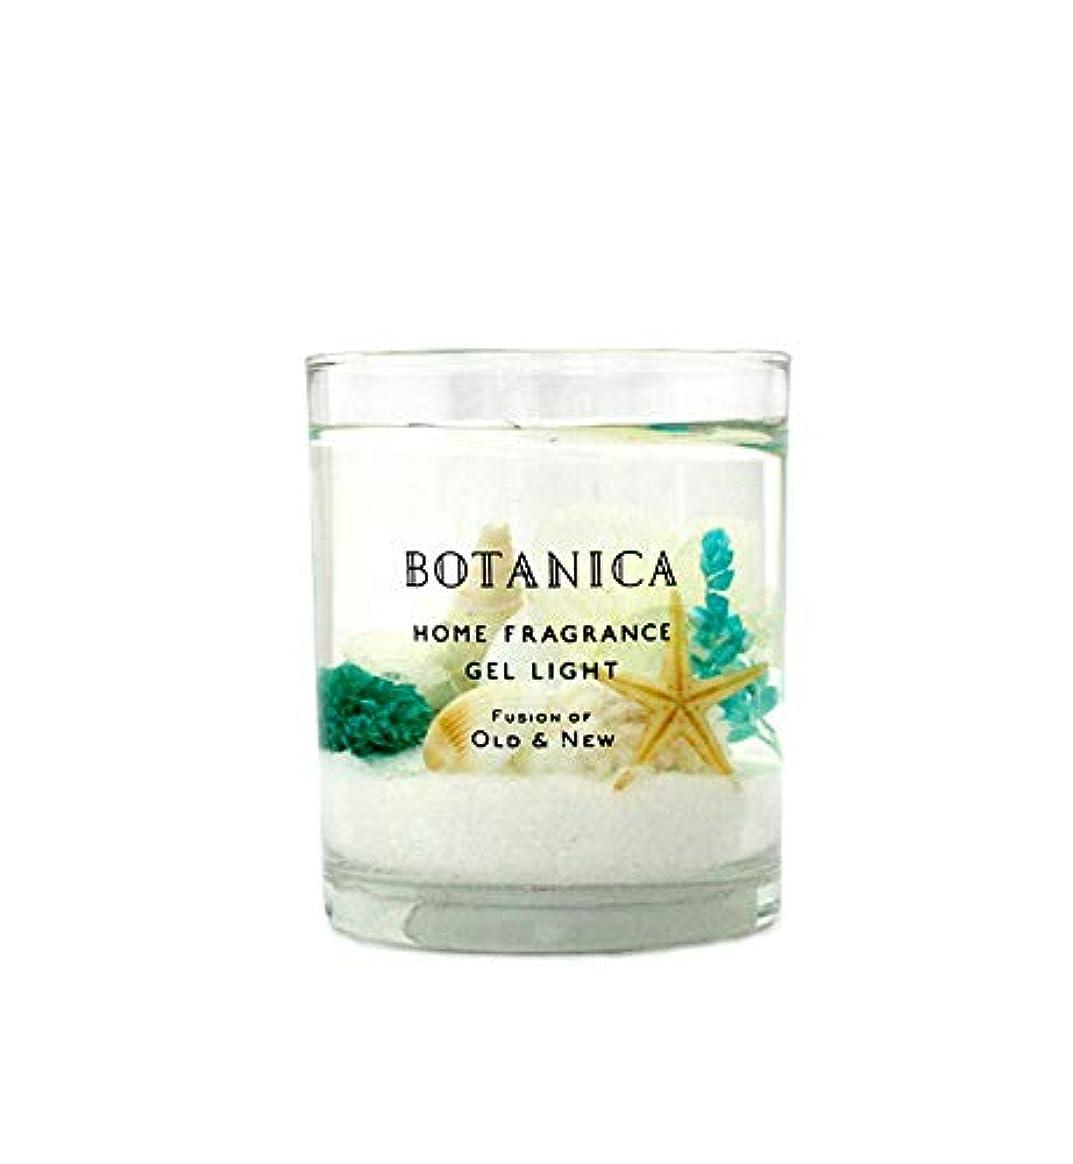 硬さブロックする不健全BOTANICA(ボタニカ) BOTANICA ハーバリウムジェルライト クラリティーシェル Herbarium Gel Light Clarity Shell ボタニカ H75×Φ60mm/90g